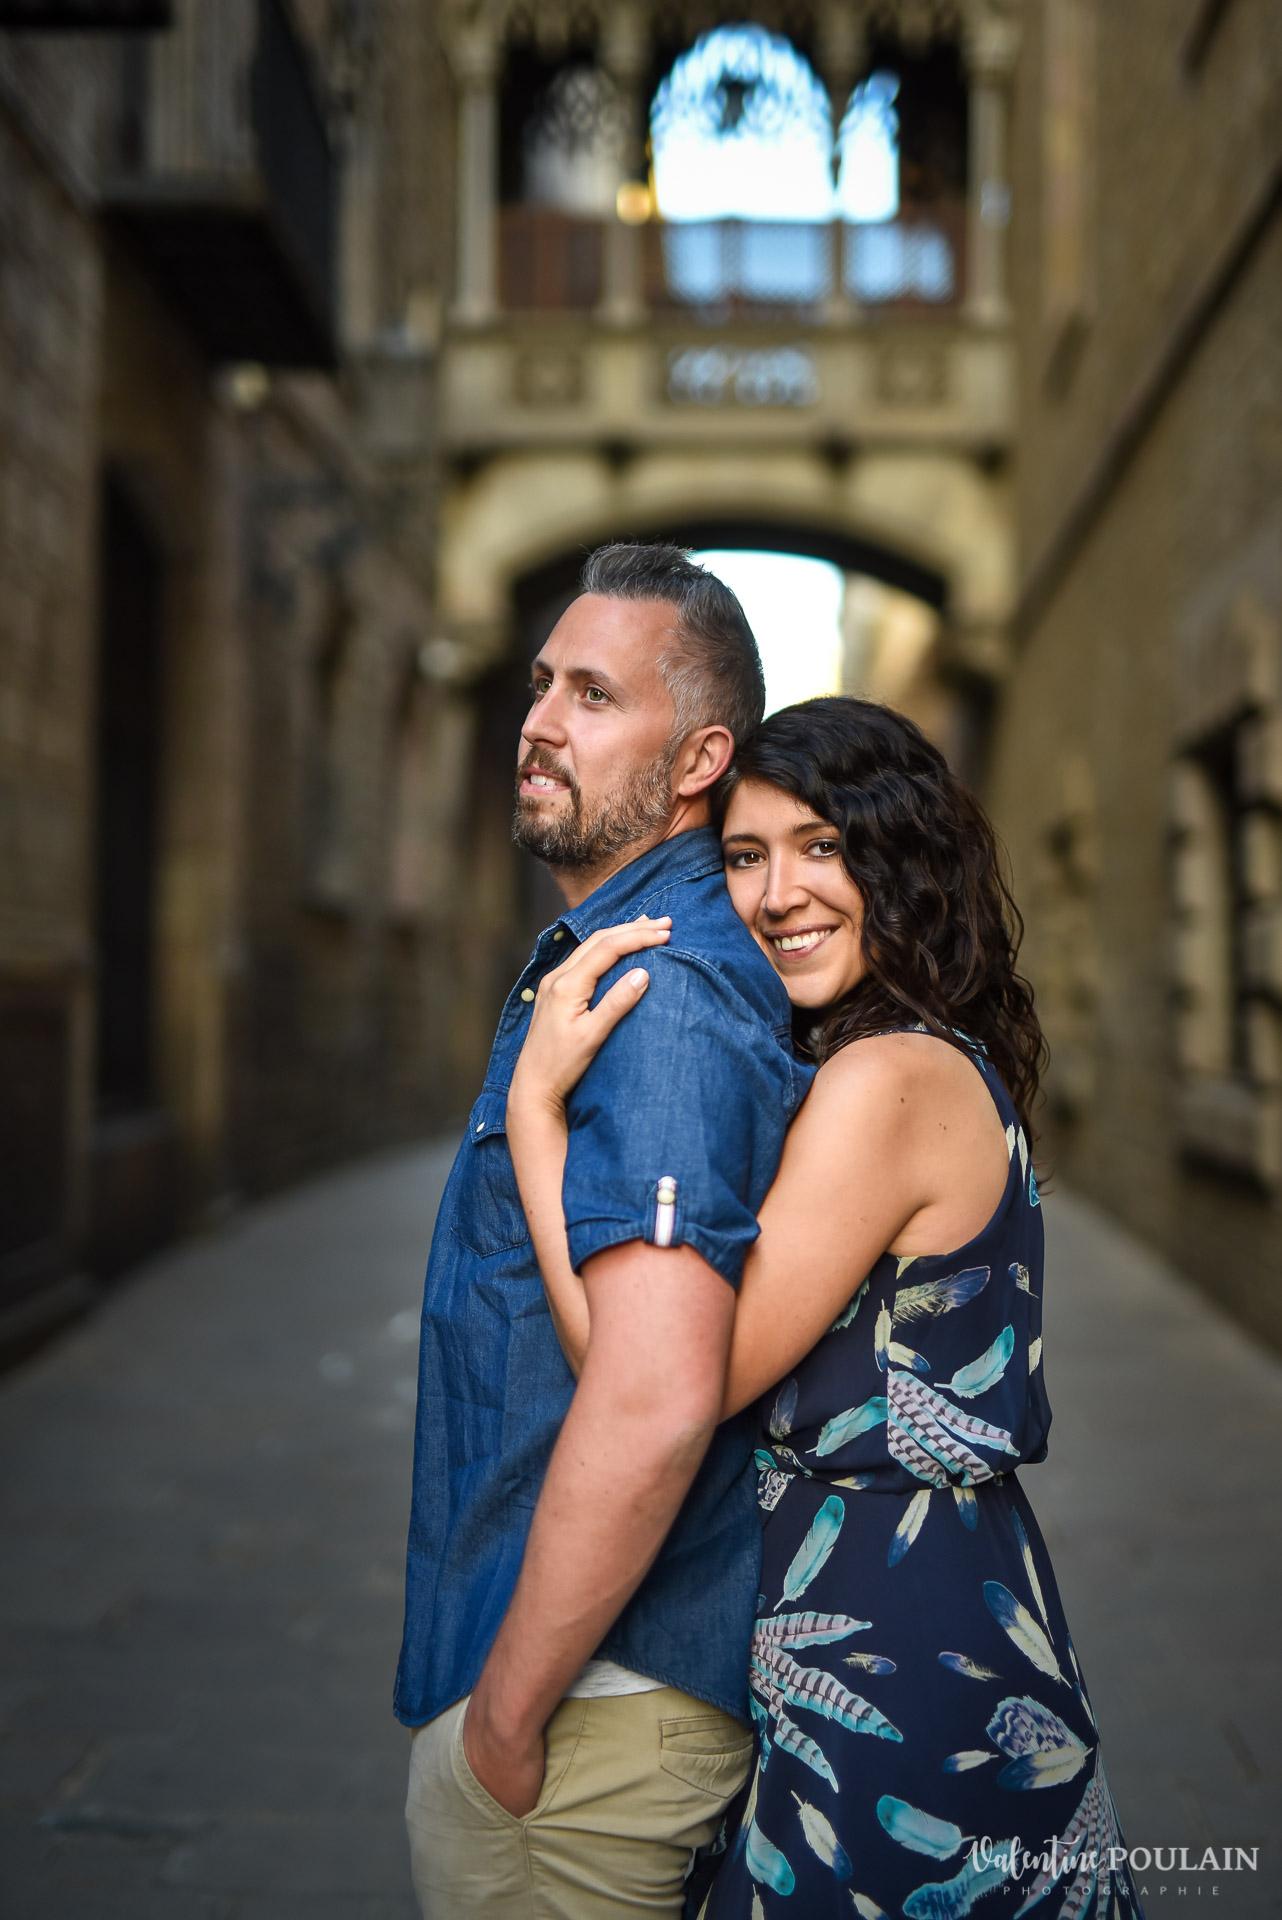 Séance photo couple Barcelone - Valentine Poulain quartier gothique